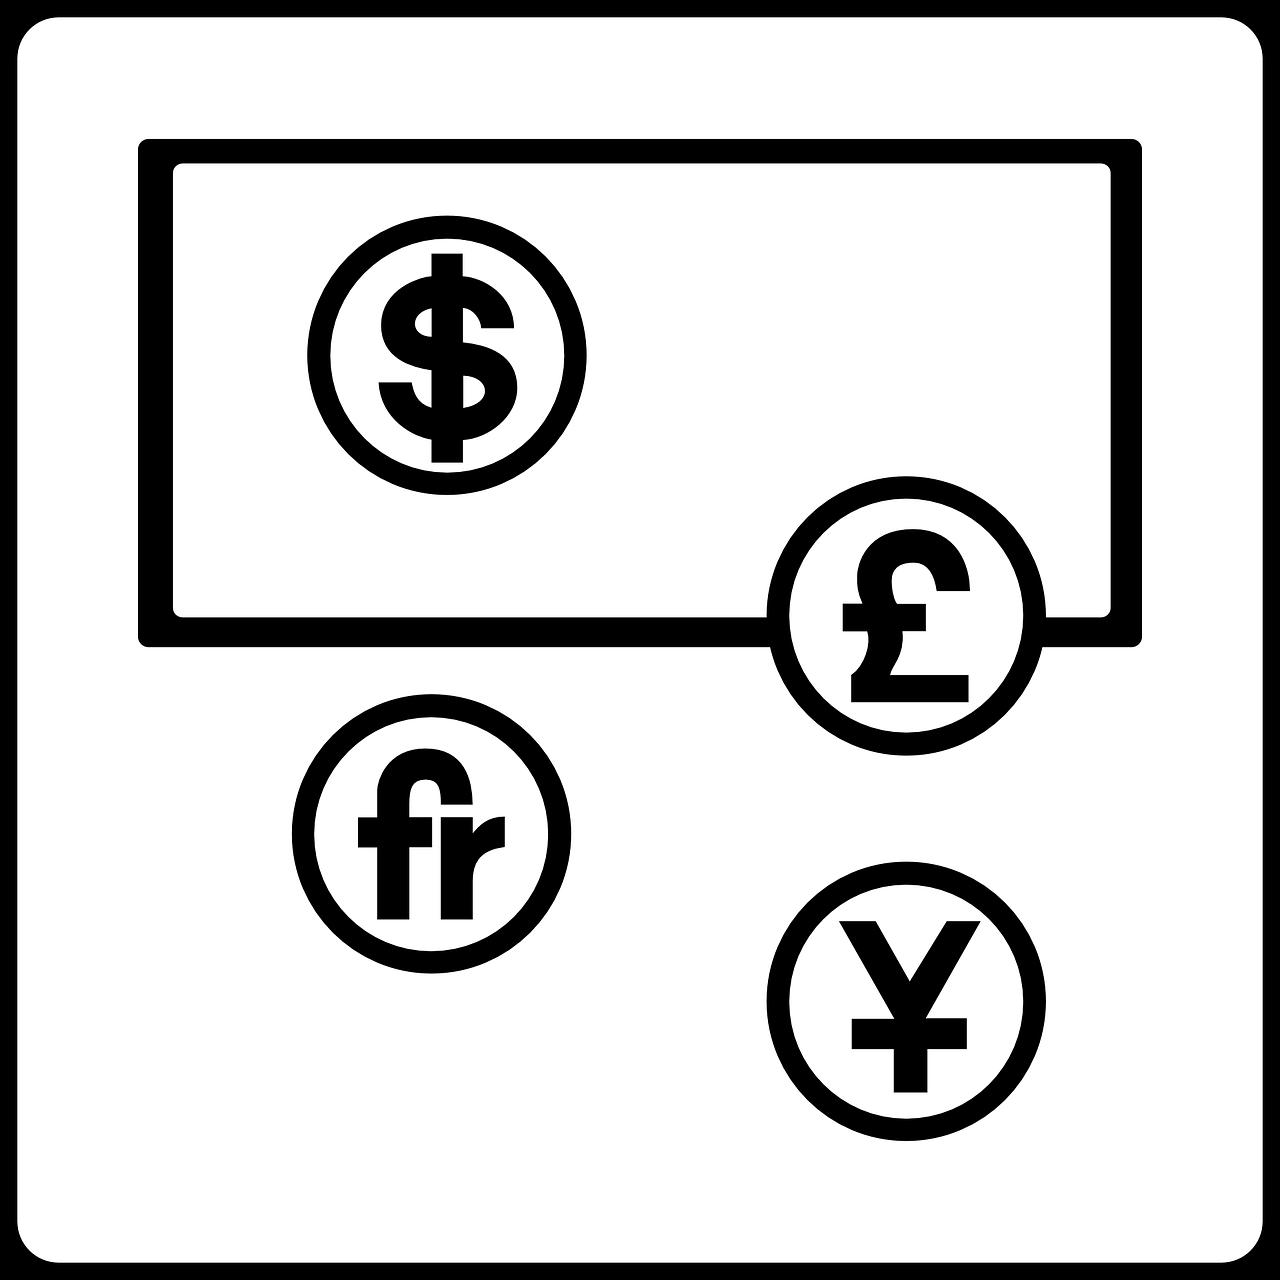 forskellige valuta